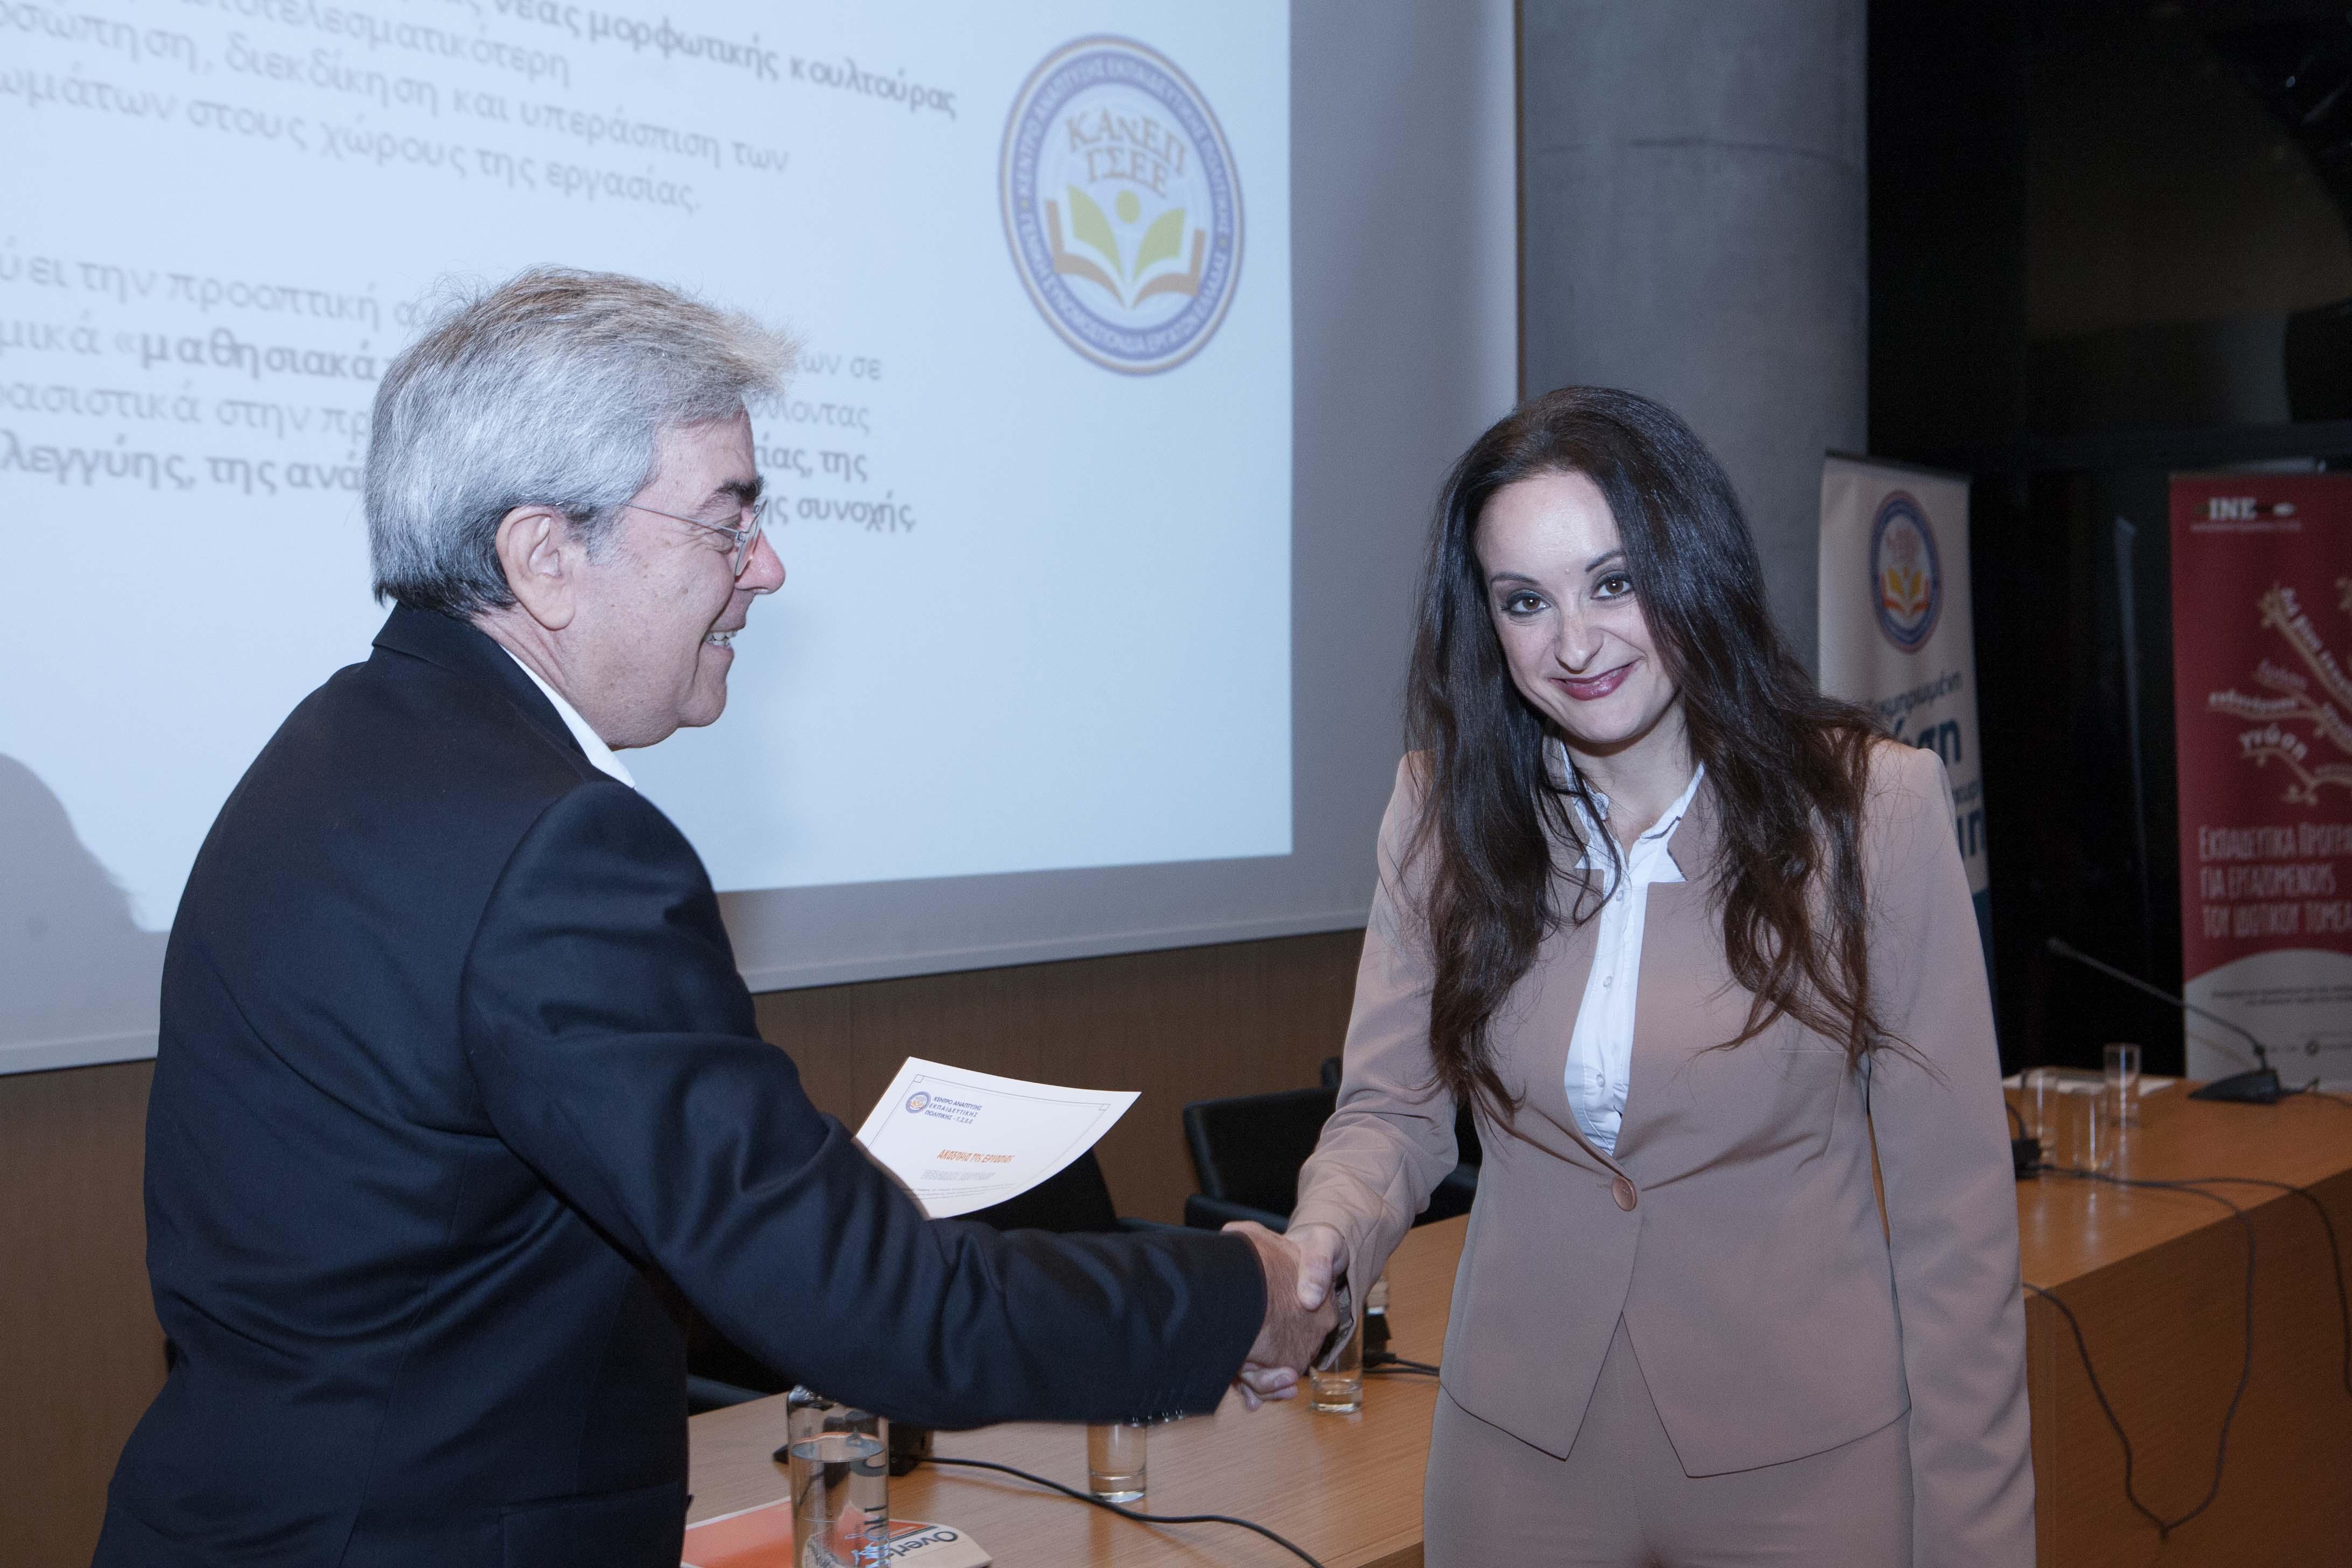 Αποφοίτηση συνδικαλιστικών στελεχών ΚΑΝΕΠ – ΓΣΕΕ 2018